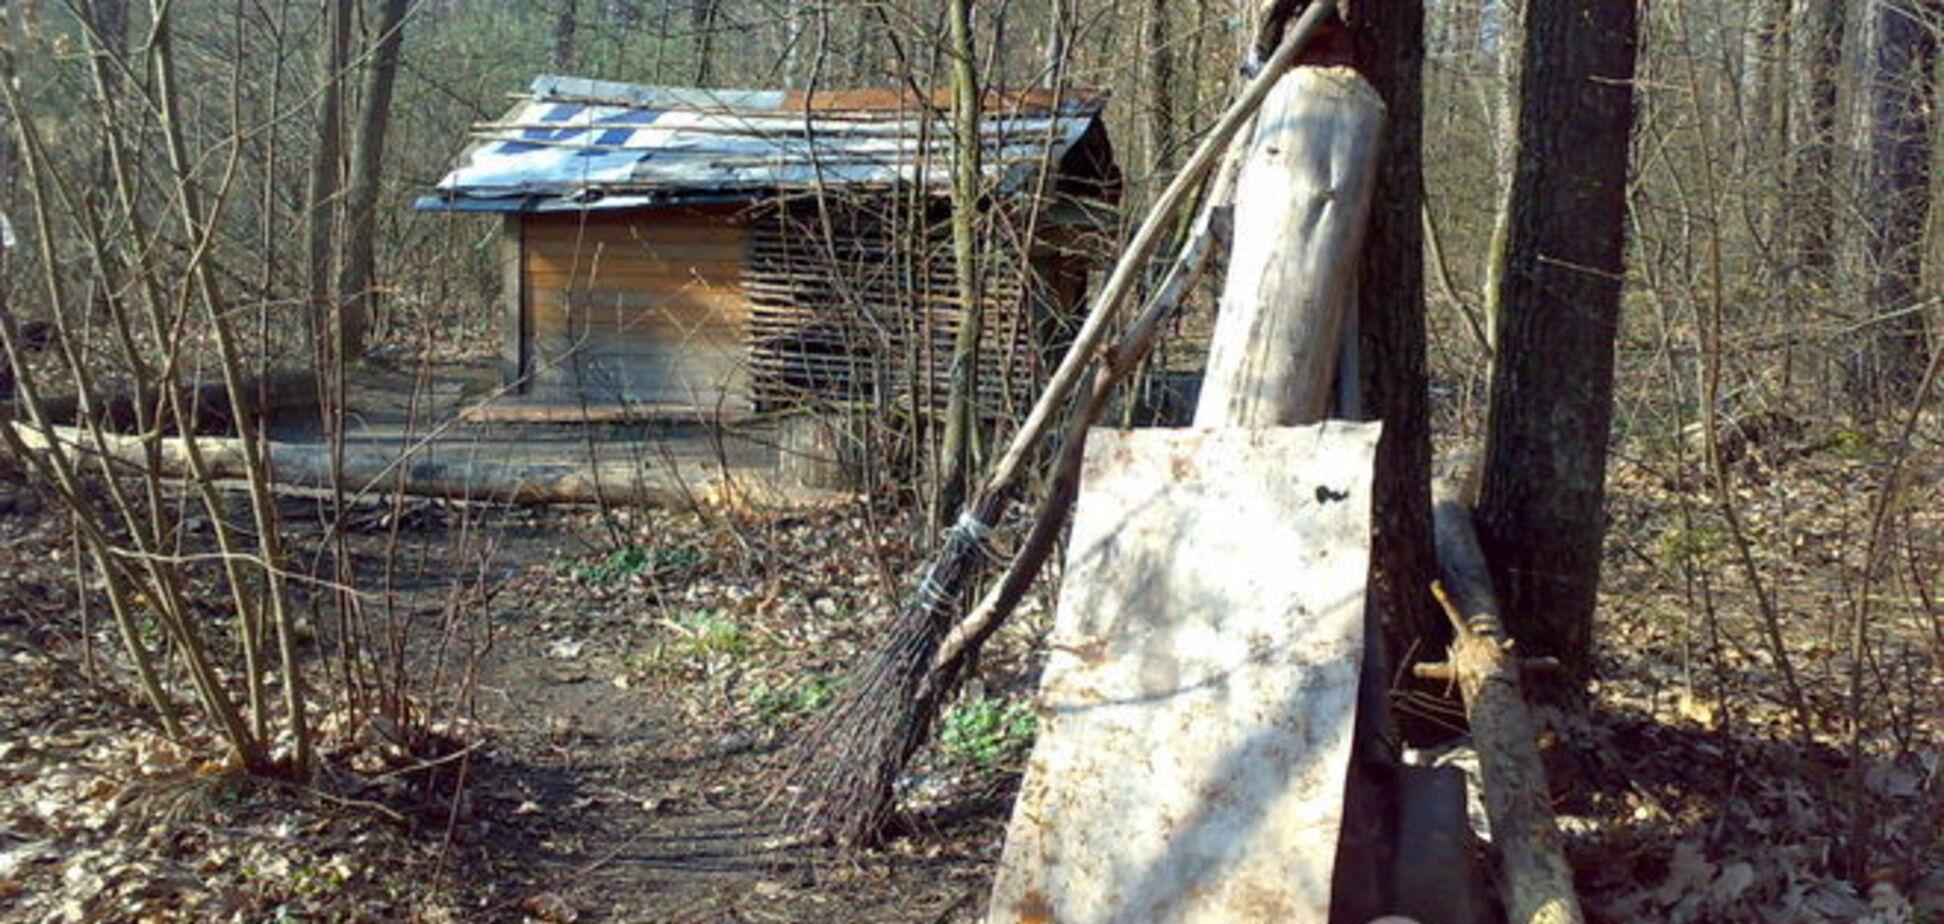 Необычный Киев: в столичном лесу нашли избушку 'индейца'. Фото